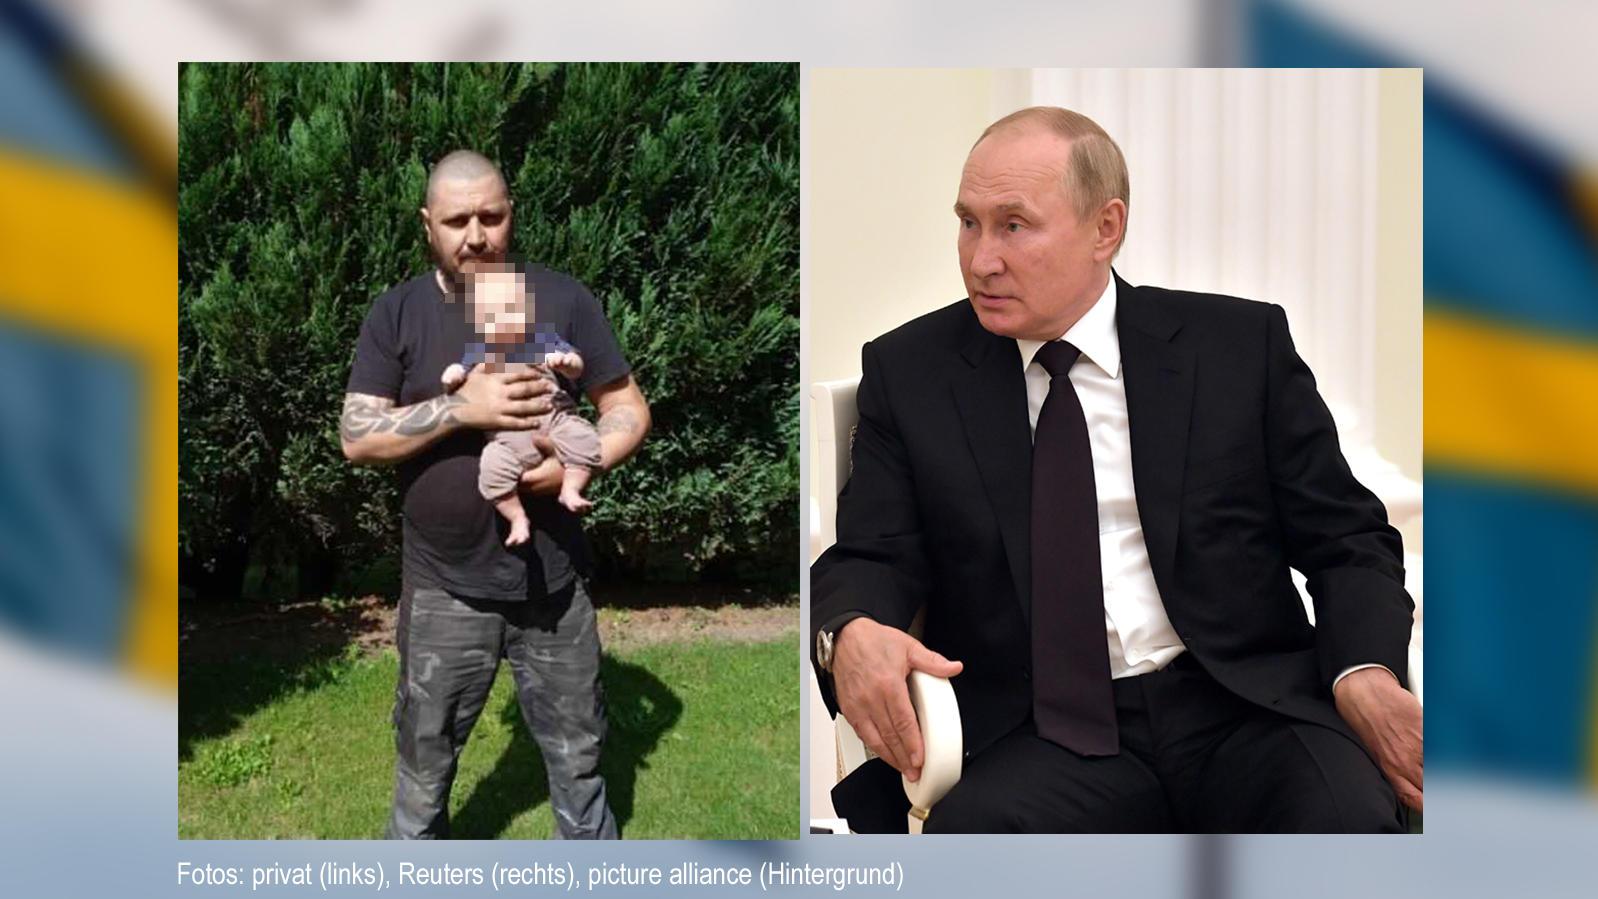 Vater Ronny (l.) mit seinem Baby - rechts der Mann, der ihn inspiriert: Wladimir Putin.